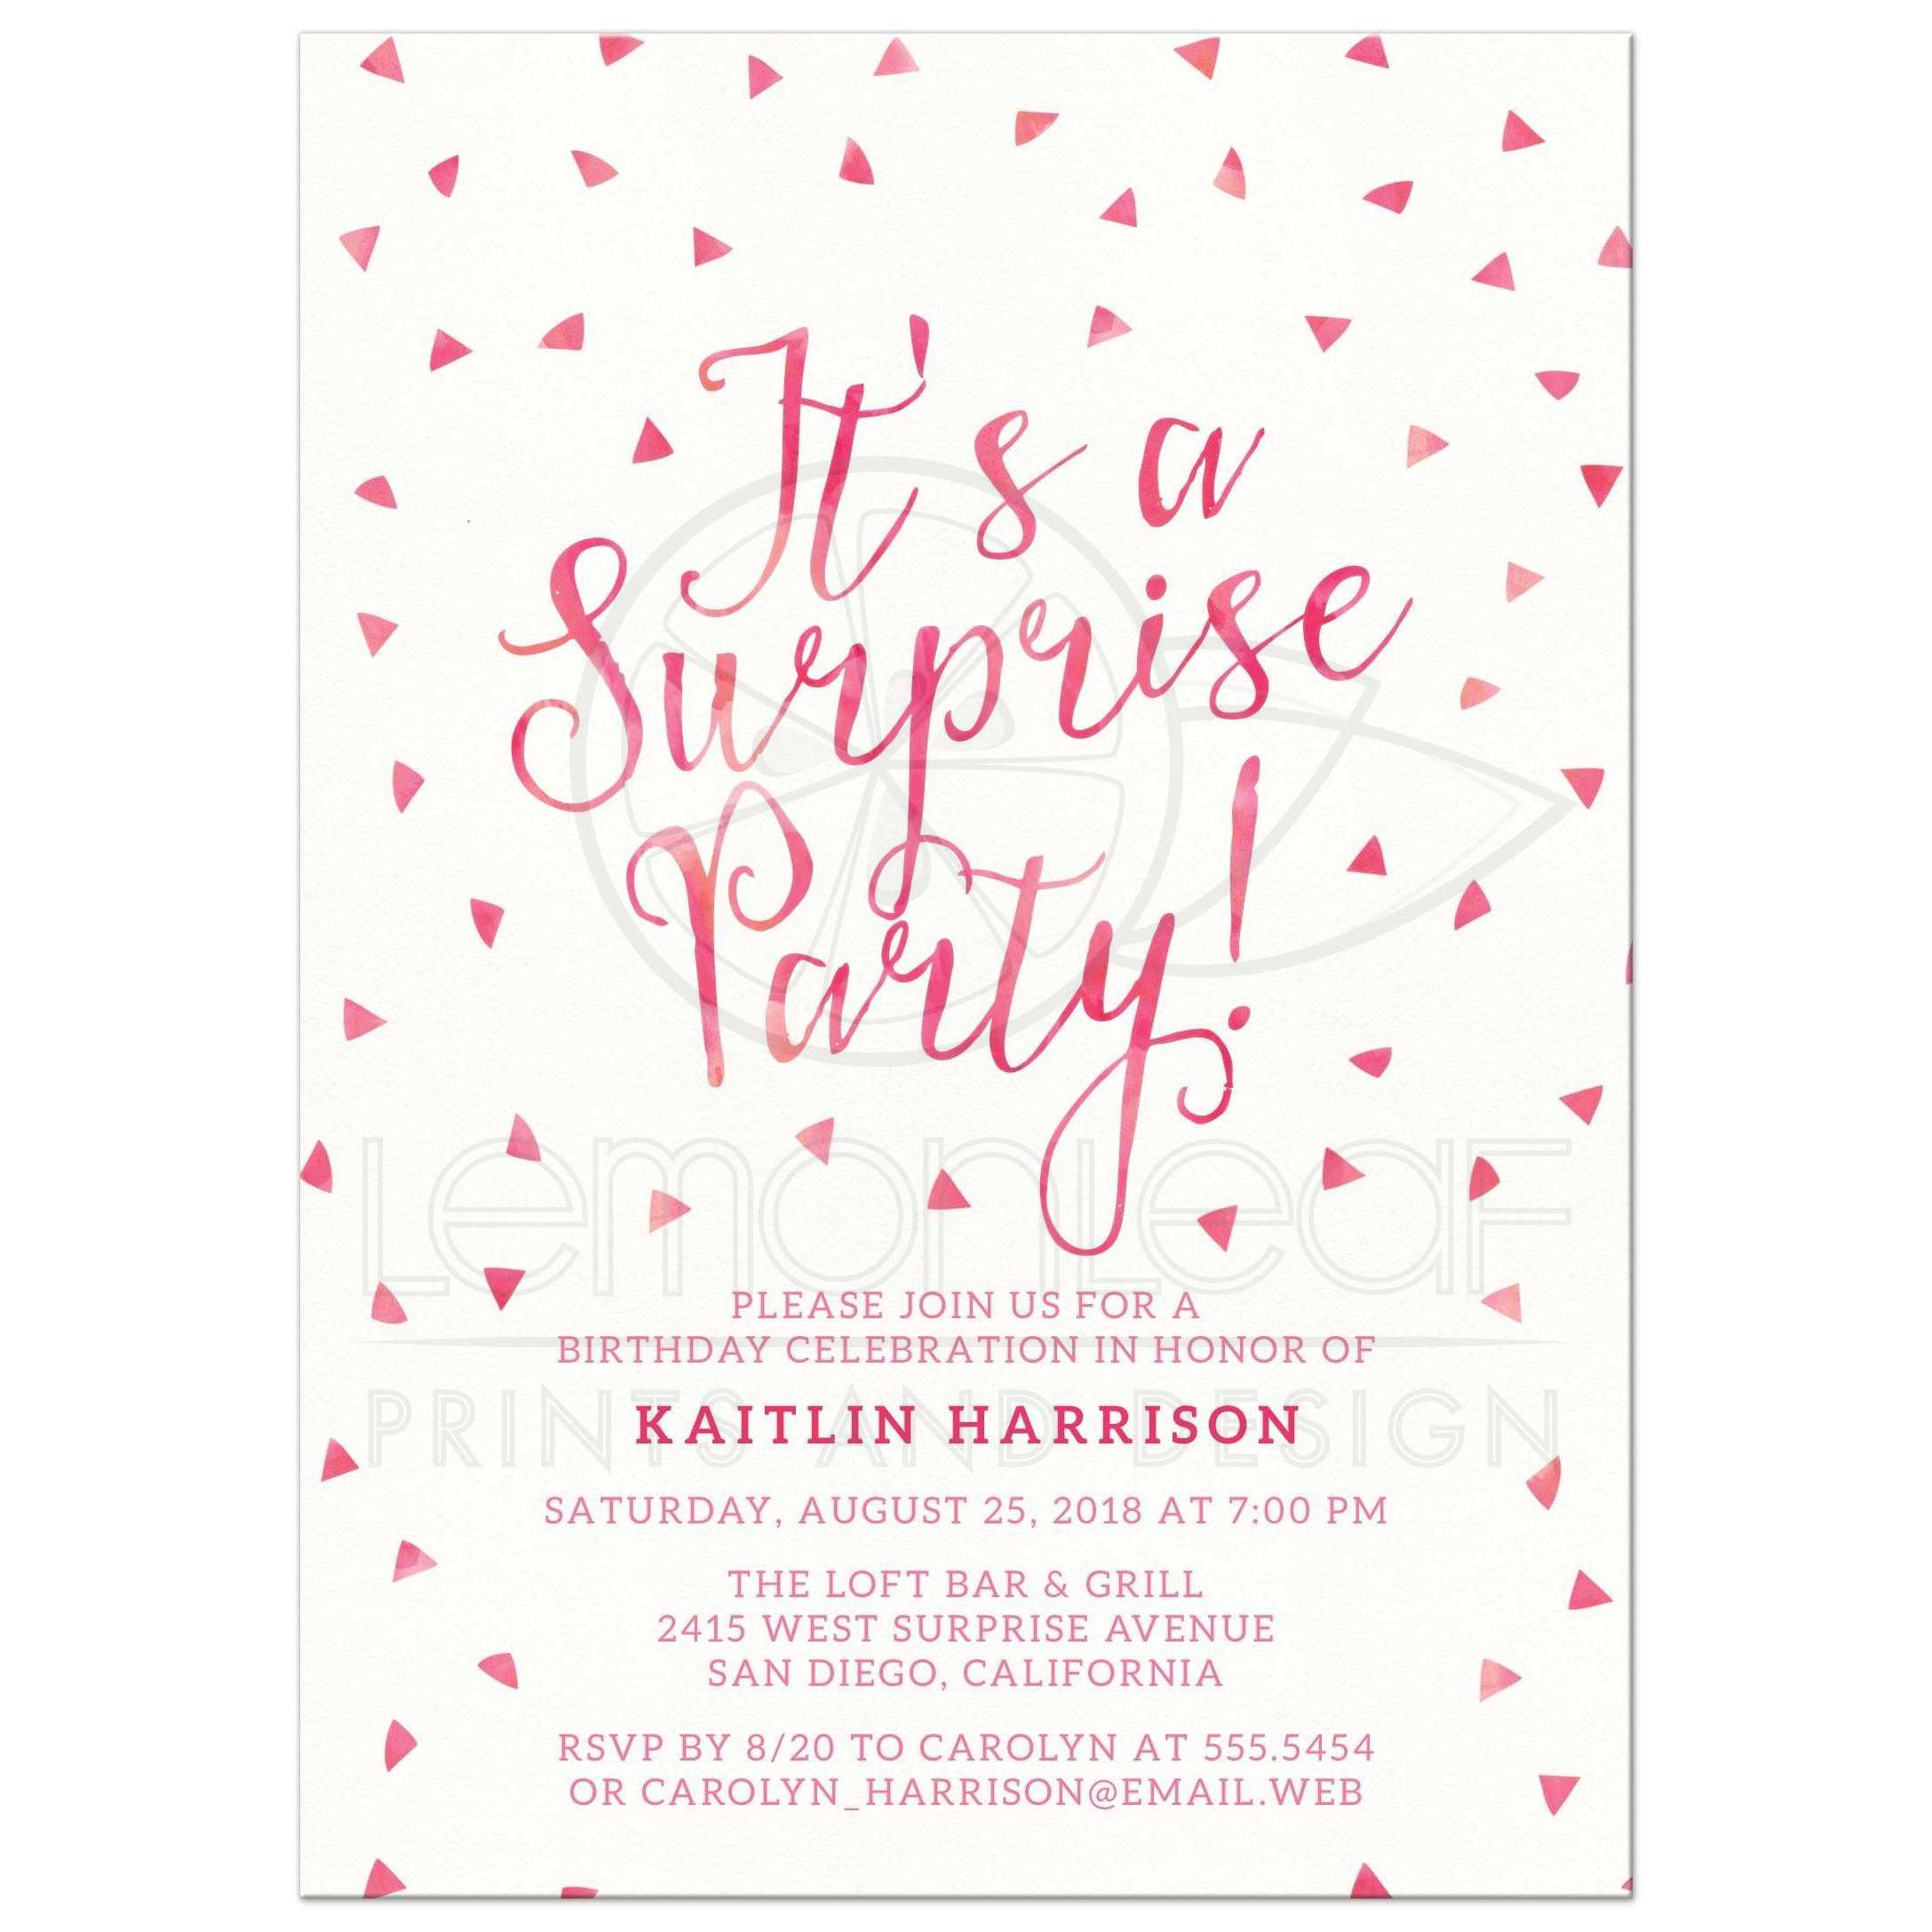 surprise party invites Hallo – Suprise Party Invitation